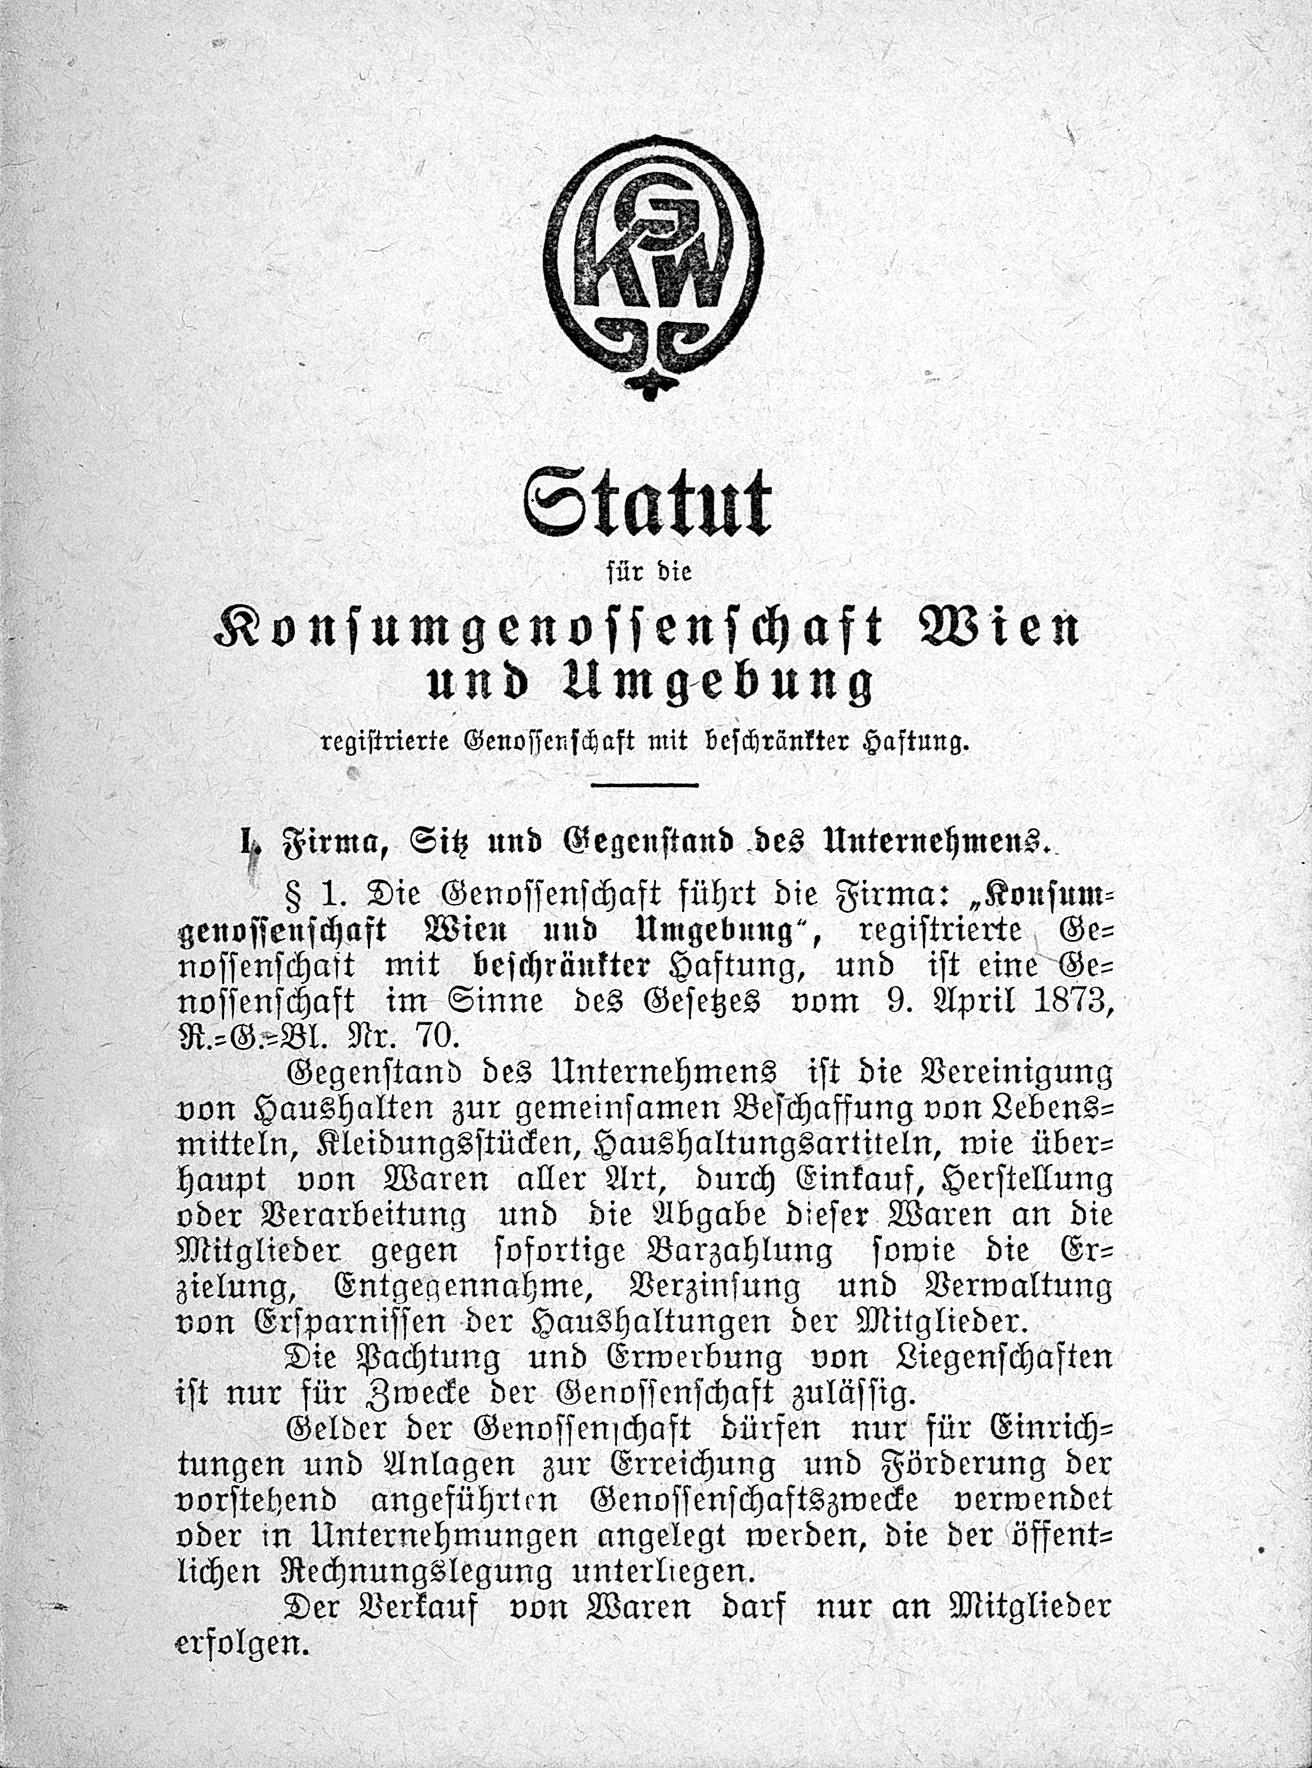 Statut der KGW 1920